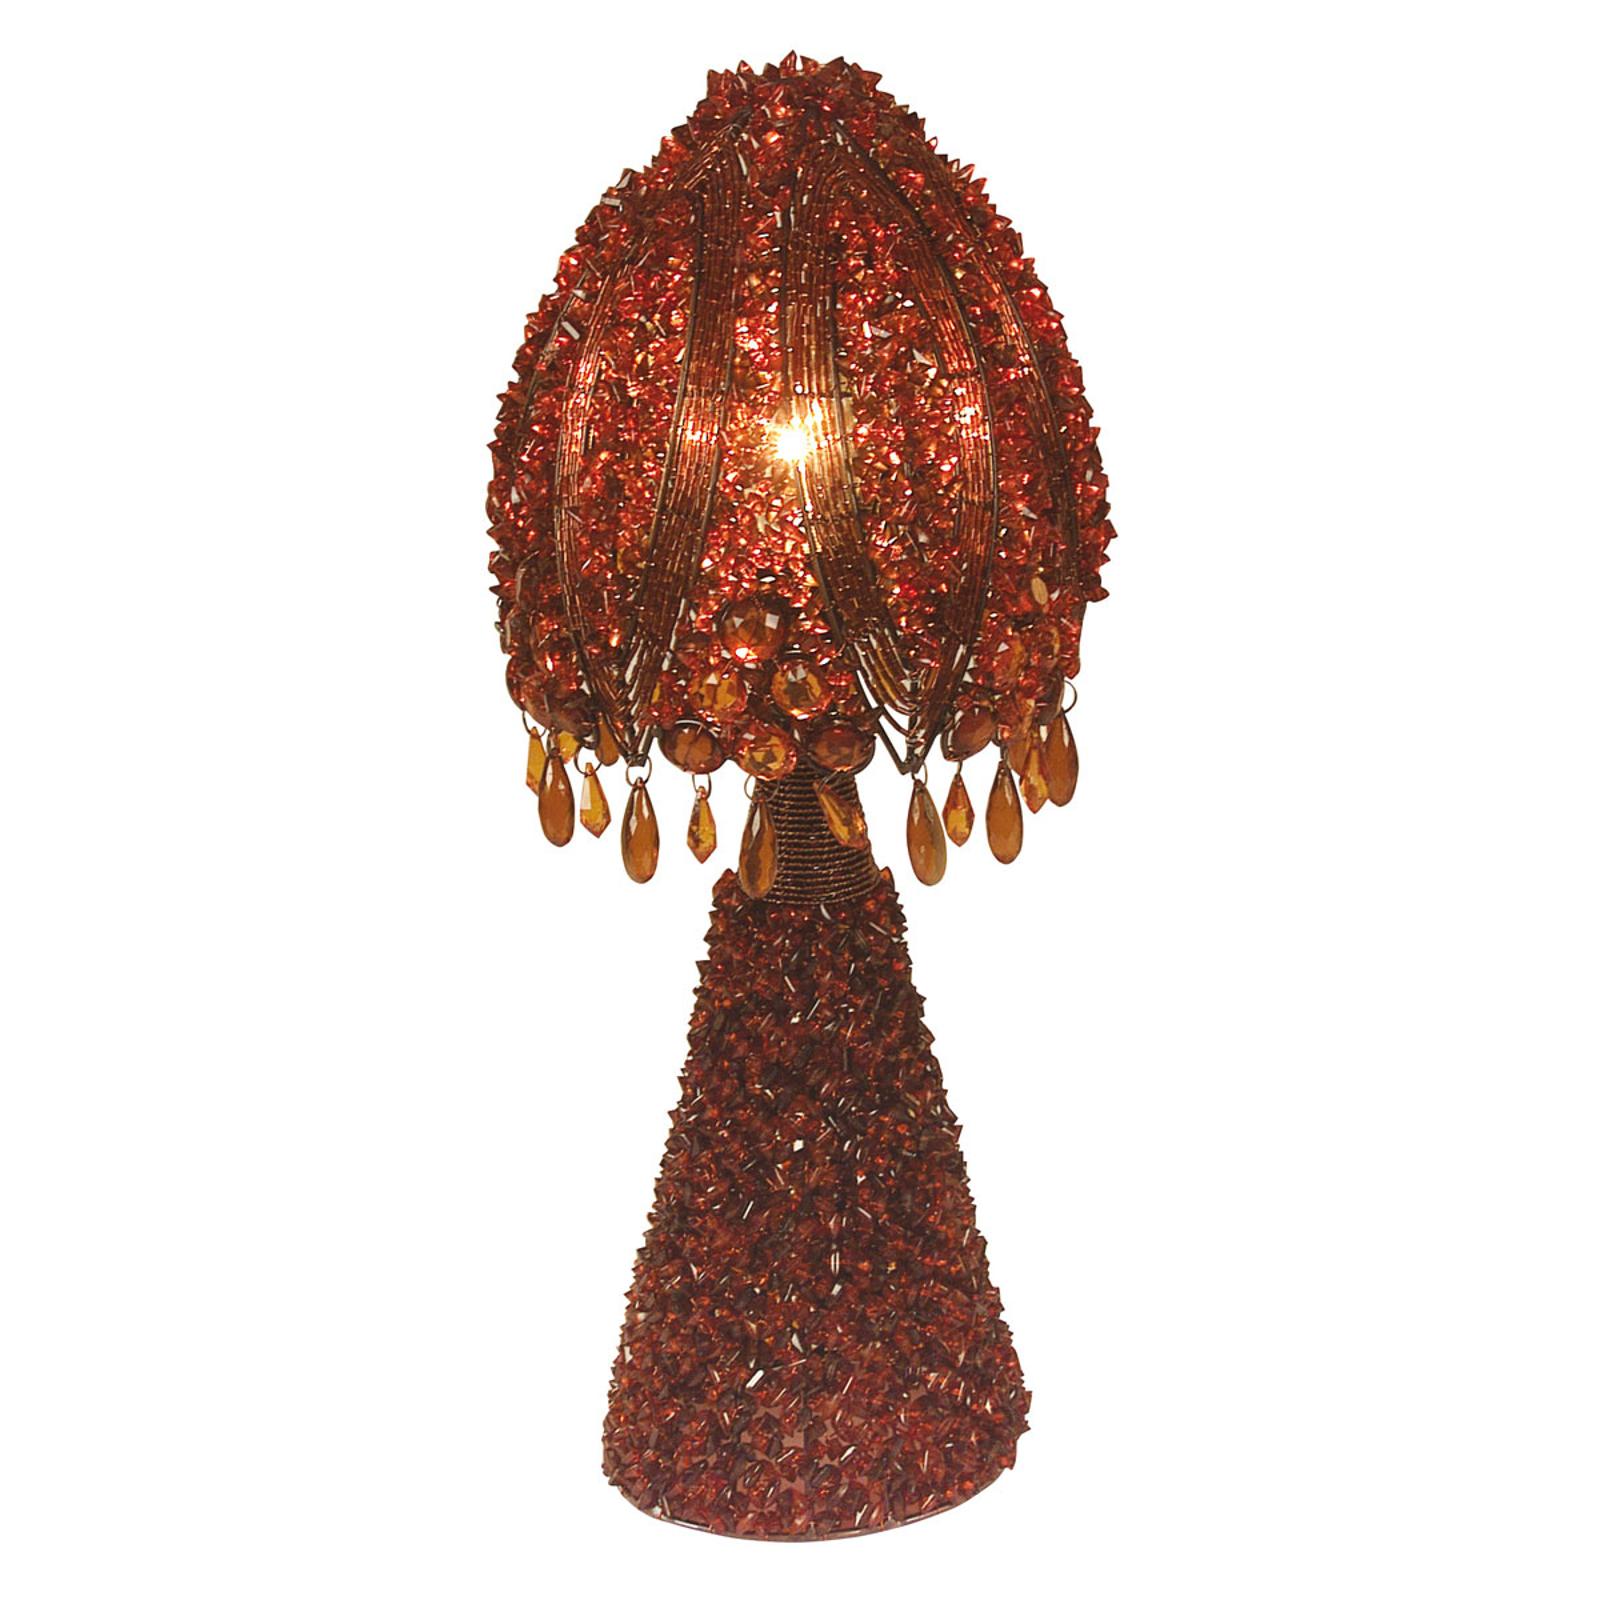 Perla-pöytävalaisin 45 cm, punainen